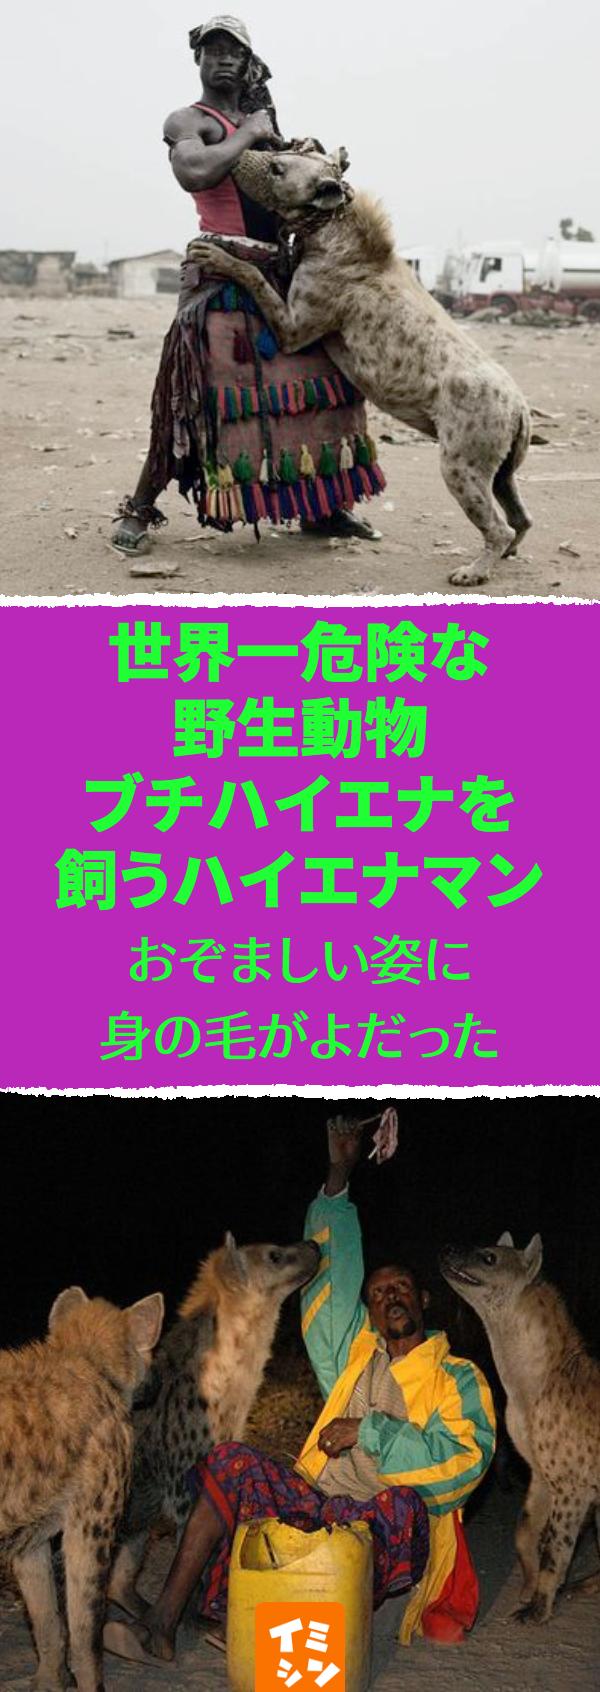 世界一危険な野生動物ブチハイエナを飼うハイエナマン ハイエナ ハイエナマン エチオピア ナイジェリア 野生動物 危険 動物の骨をも軽く砕いてしまう強力なアゴをもつことなどから 世界で最も危険な生物 の内に数えられるブチハイエナ そんなブチハイエナ